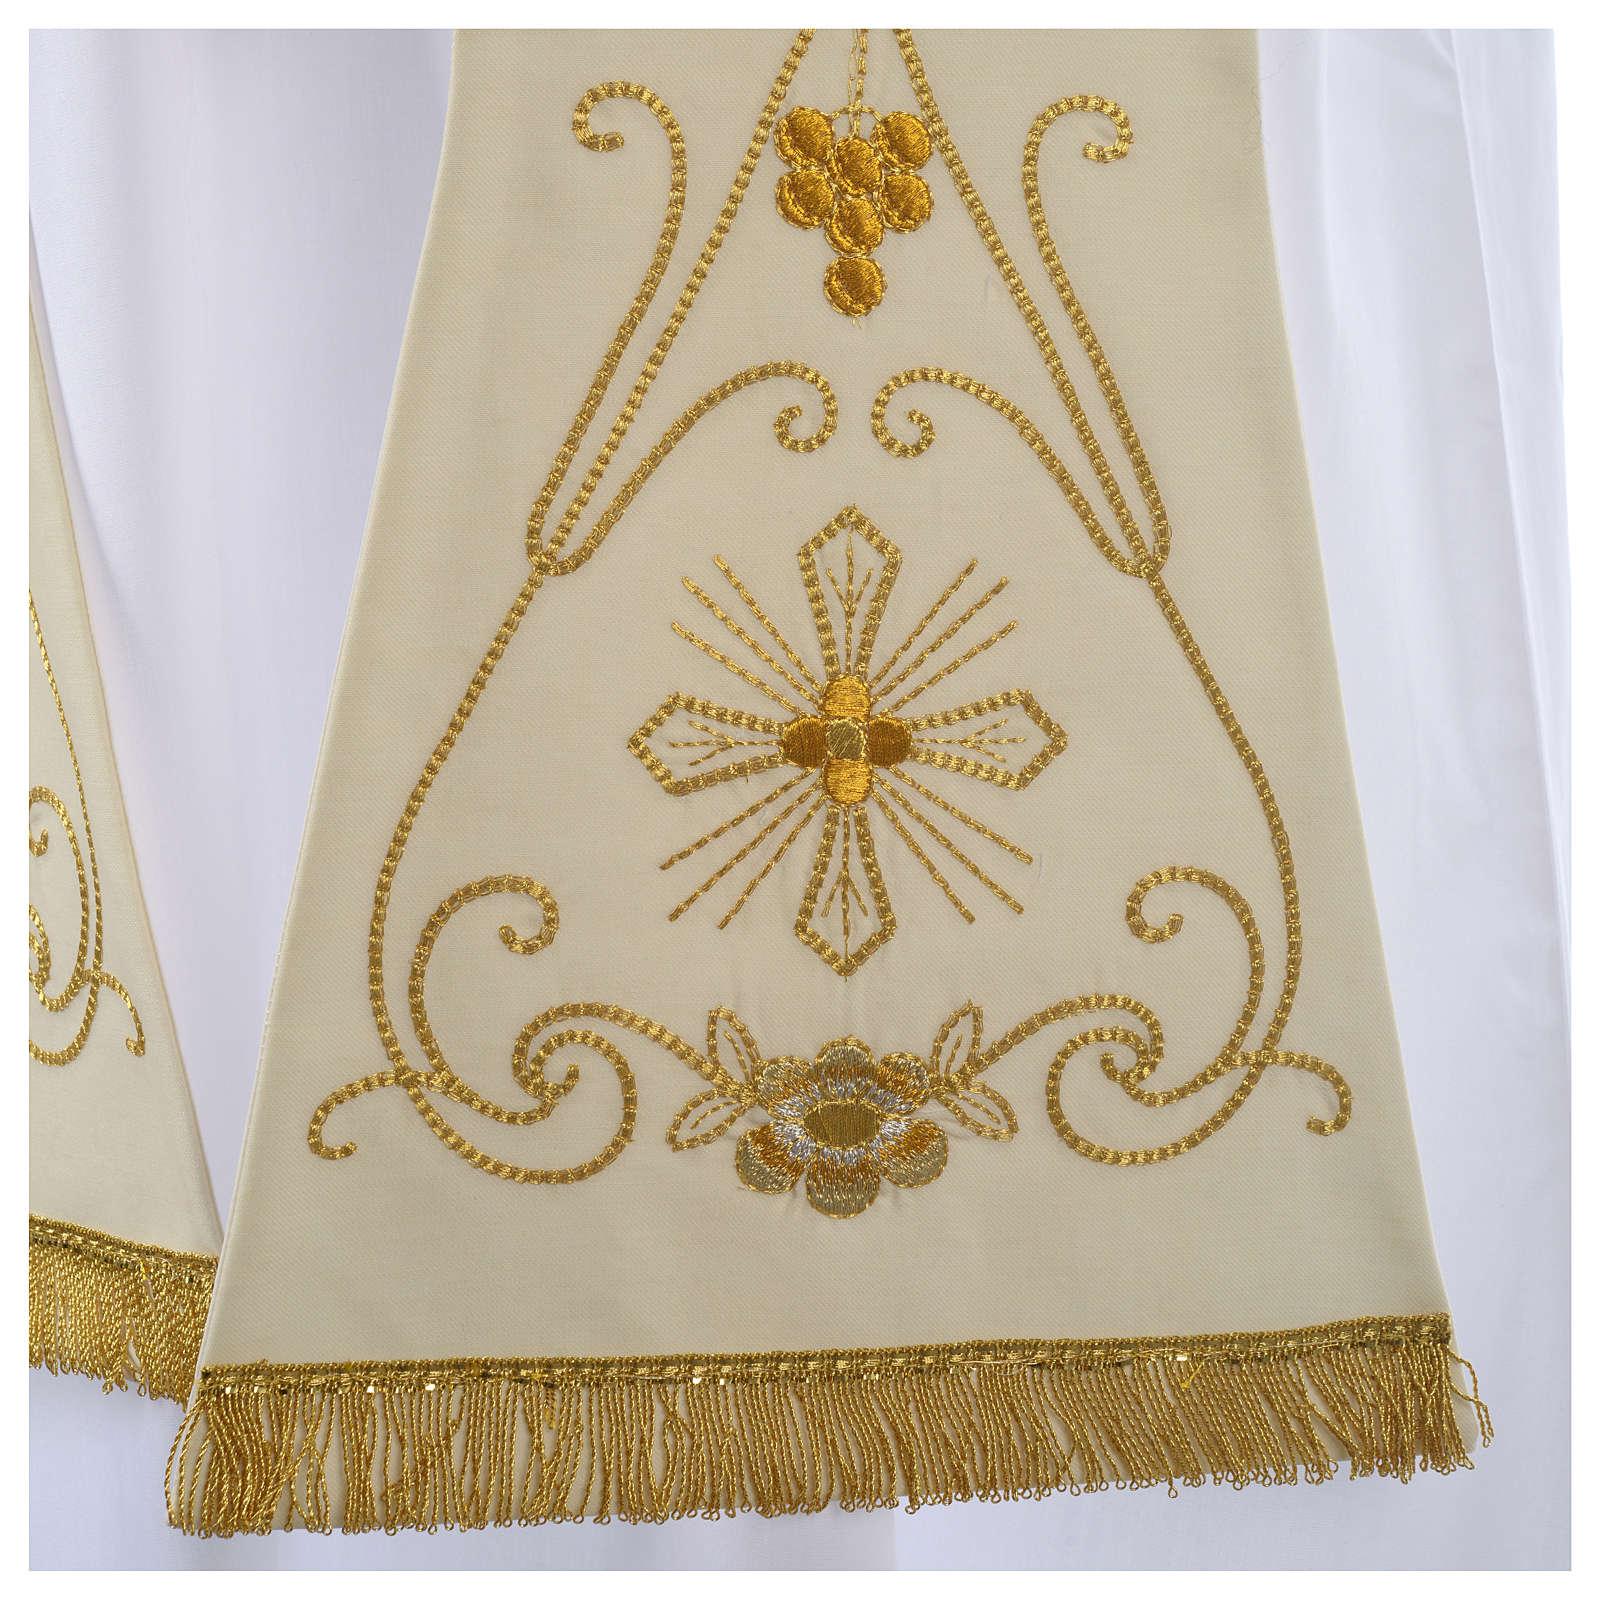 Estola blanca bordado dorado antiguo lana 100% 4